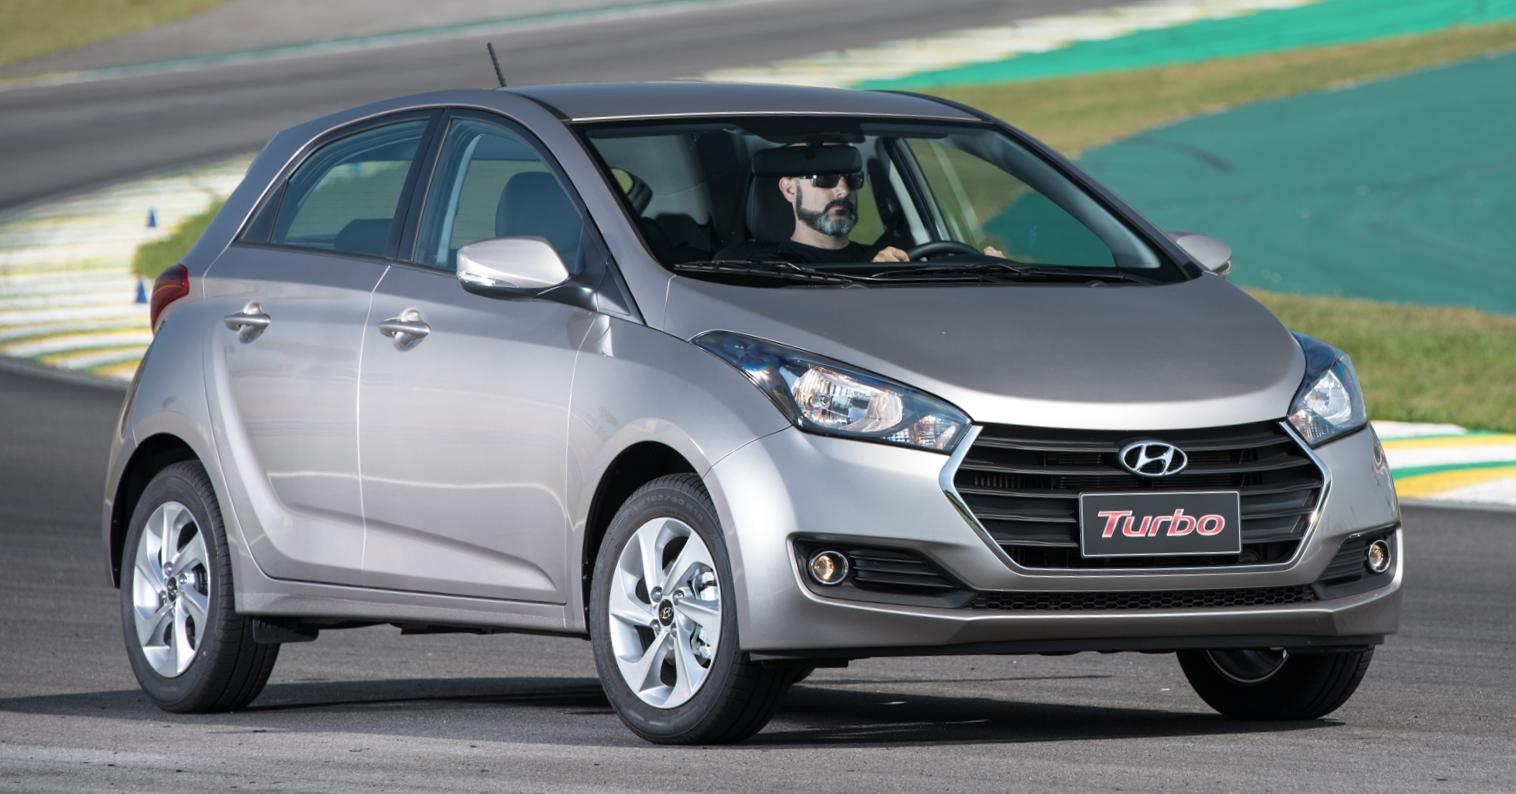 bc31566e99249 Hyundai HB20 Turbo chega ao mercado brasileiro